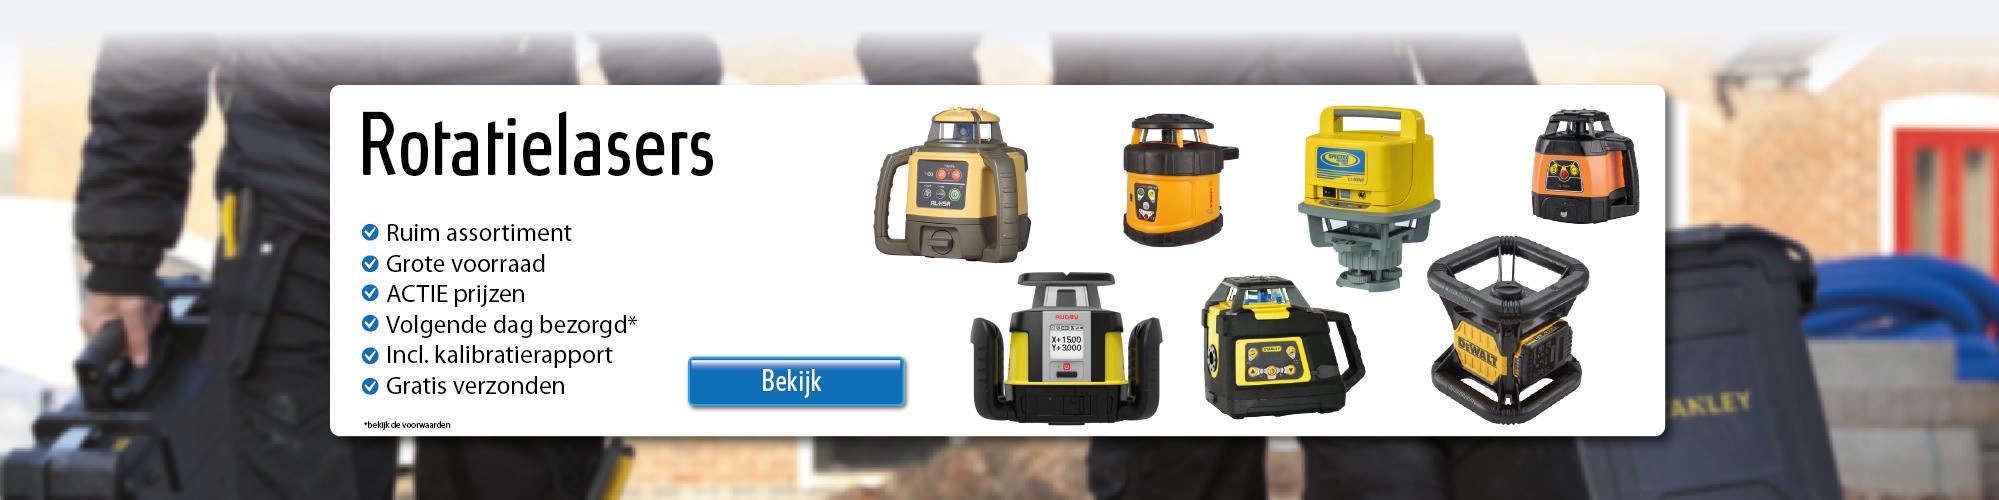 ToolProfessional.nl Professioneel gereedschap! banner 1